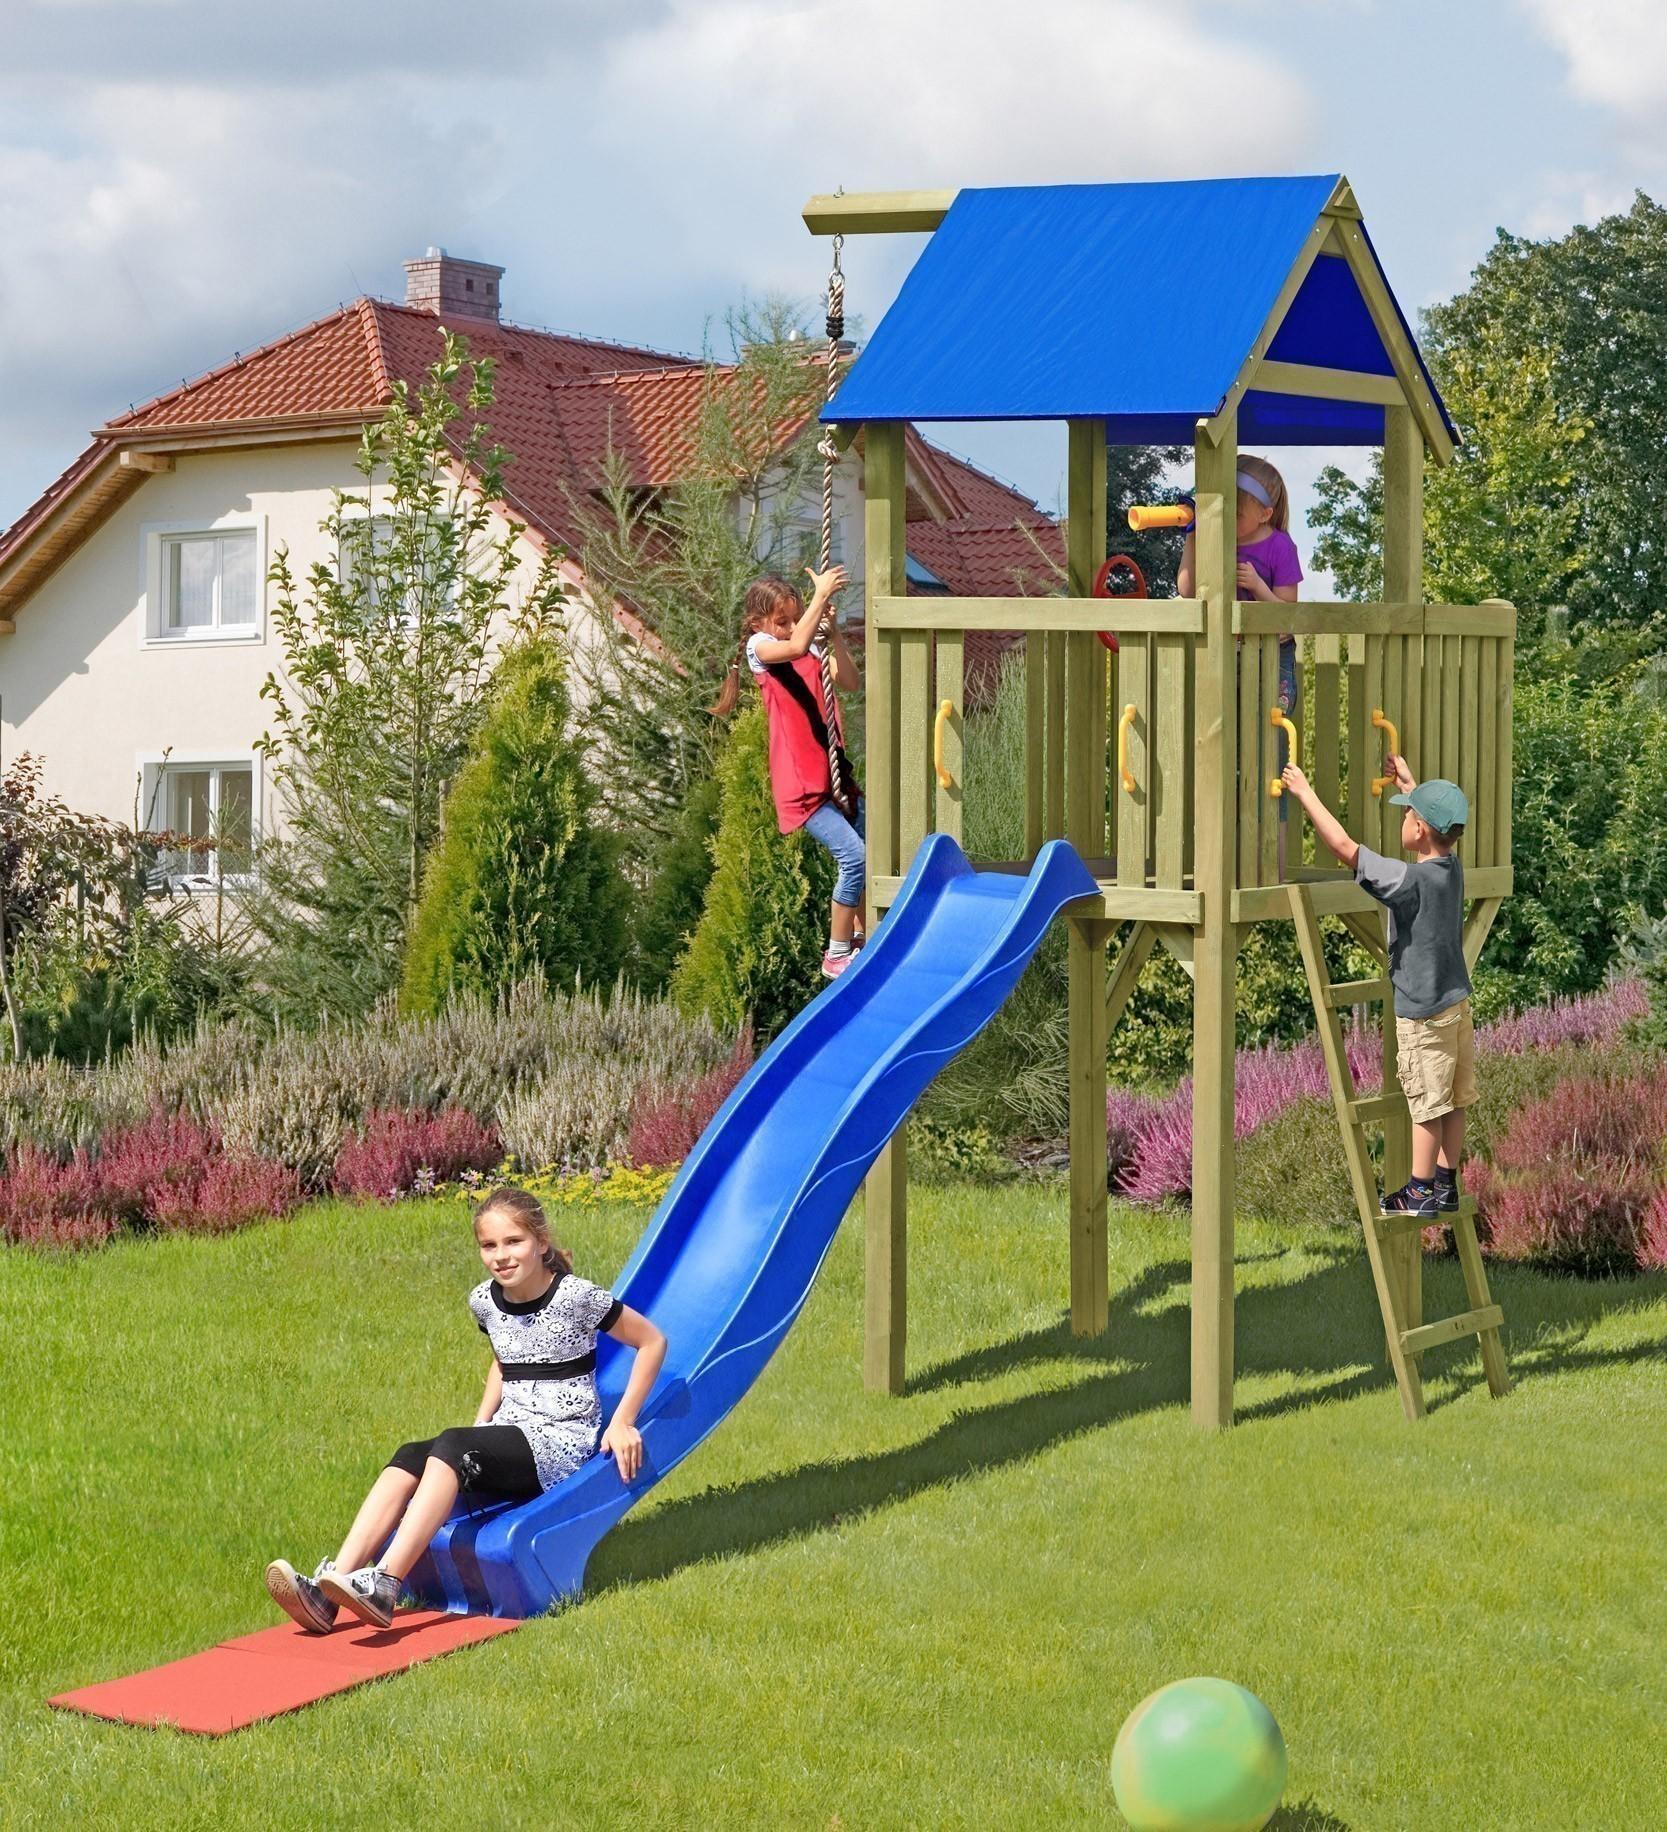 Full Size of Spielturm Bauhaus Spielanlage Little Chief Multi Play Mit Rutsche Bei Kinderspielturm Garten Fenster Wohnzimmer Spielturm Bauhaus